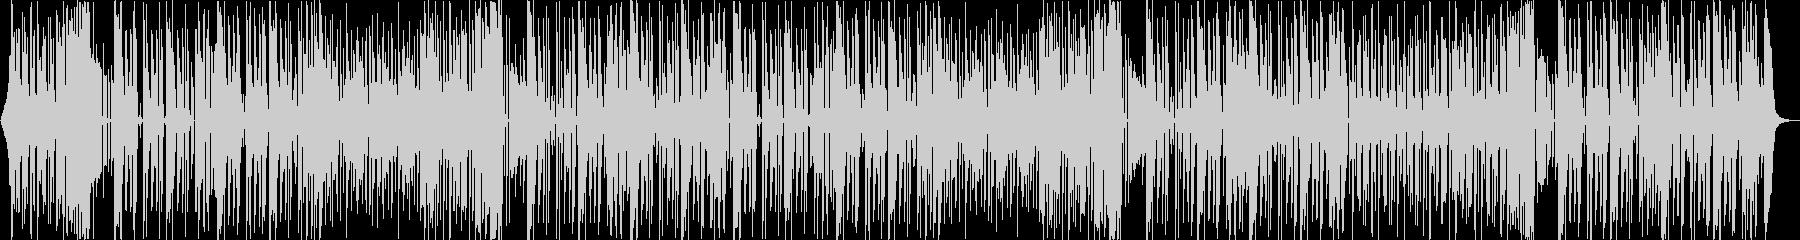 Kpop・エキサイティングブラストラップの未再生の波形